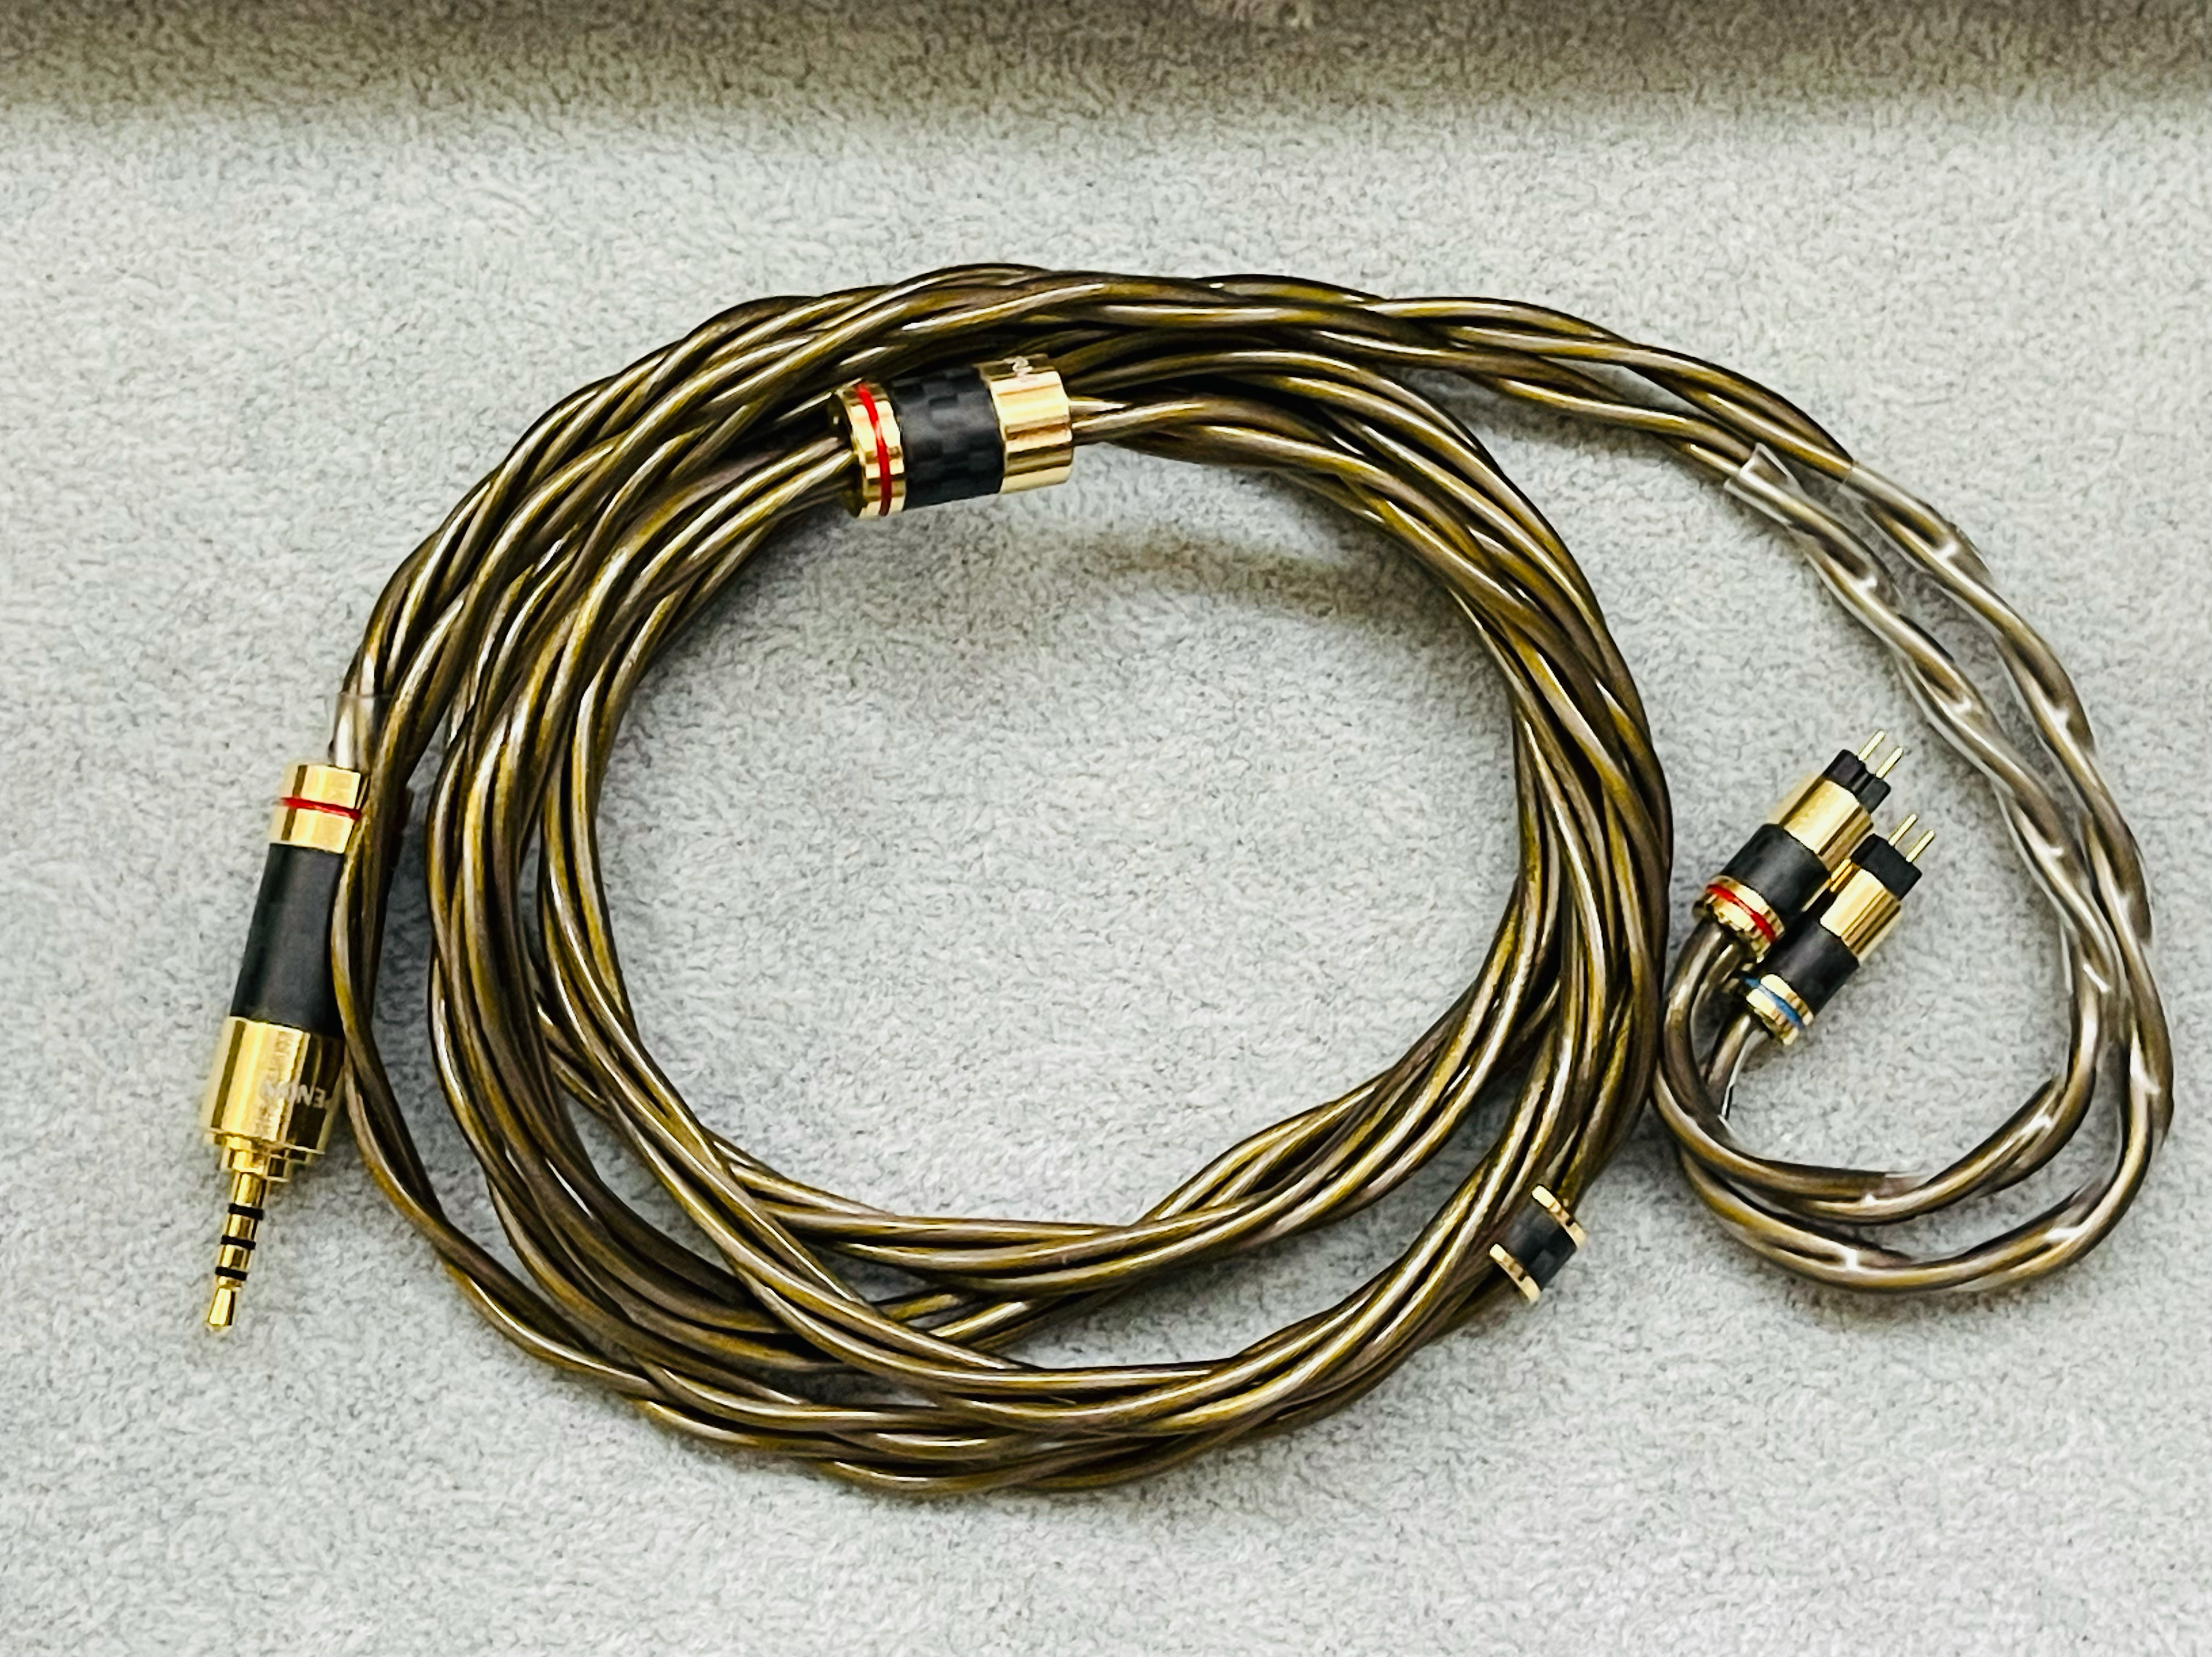 00EF685B-9280-4C26-A095-4B1C2502AE53.jpeg